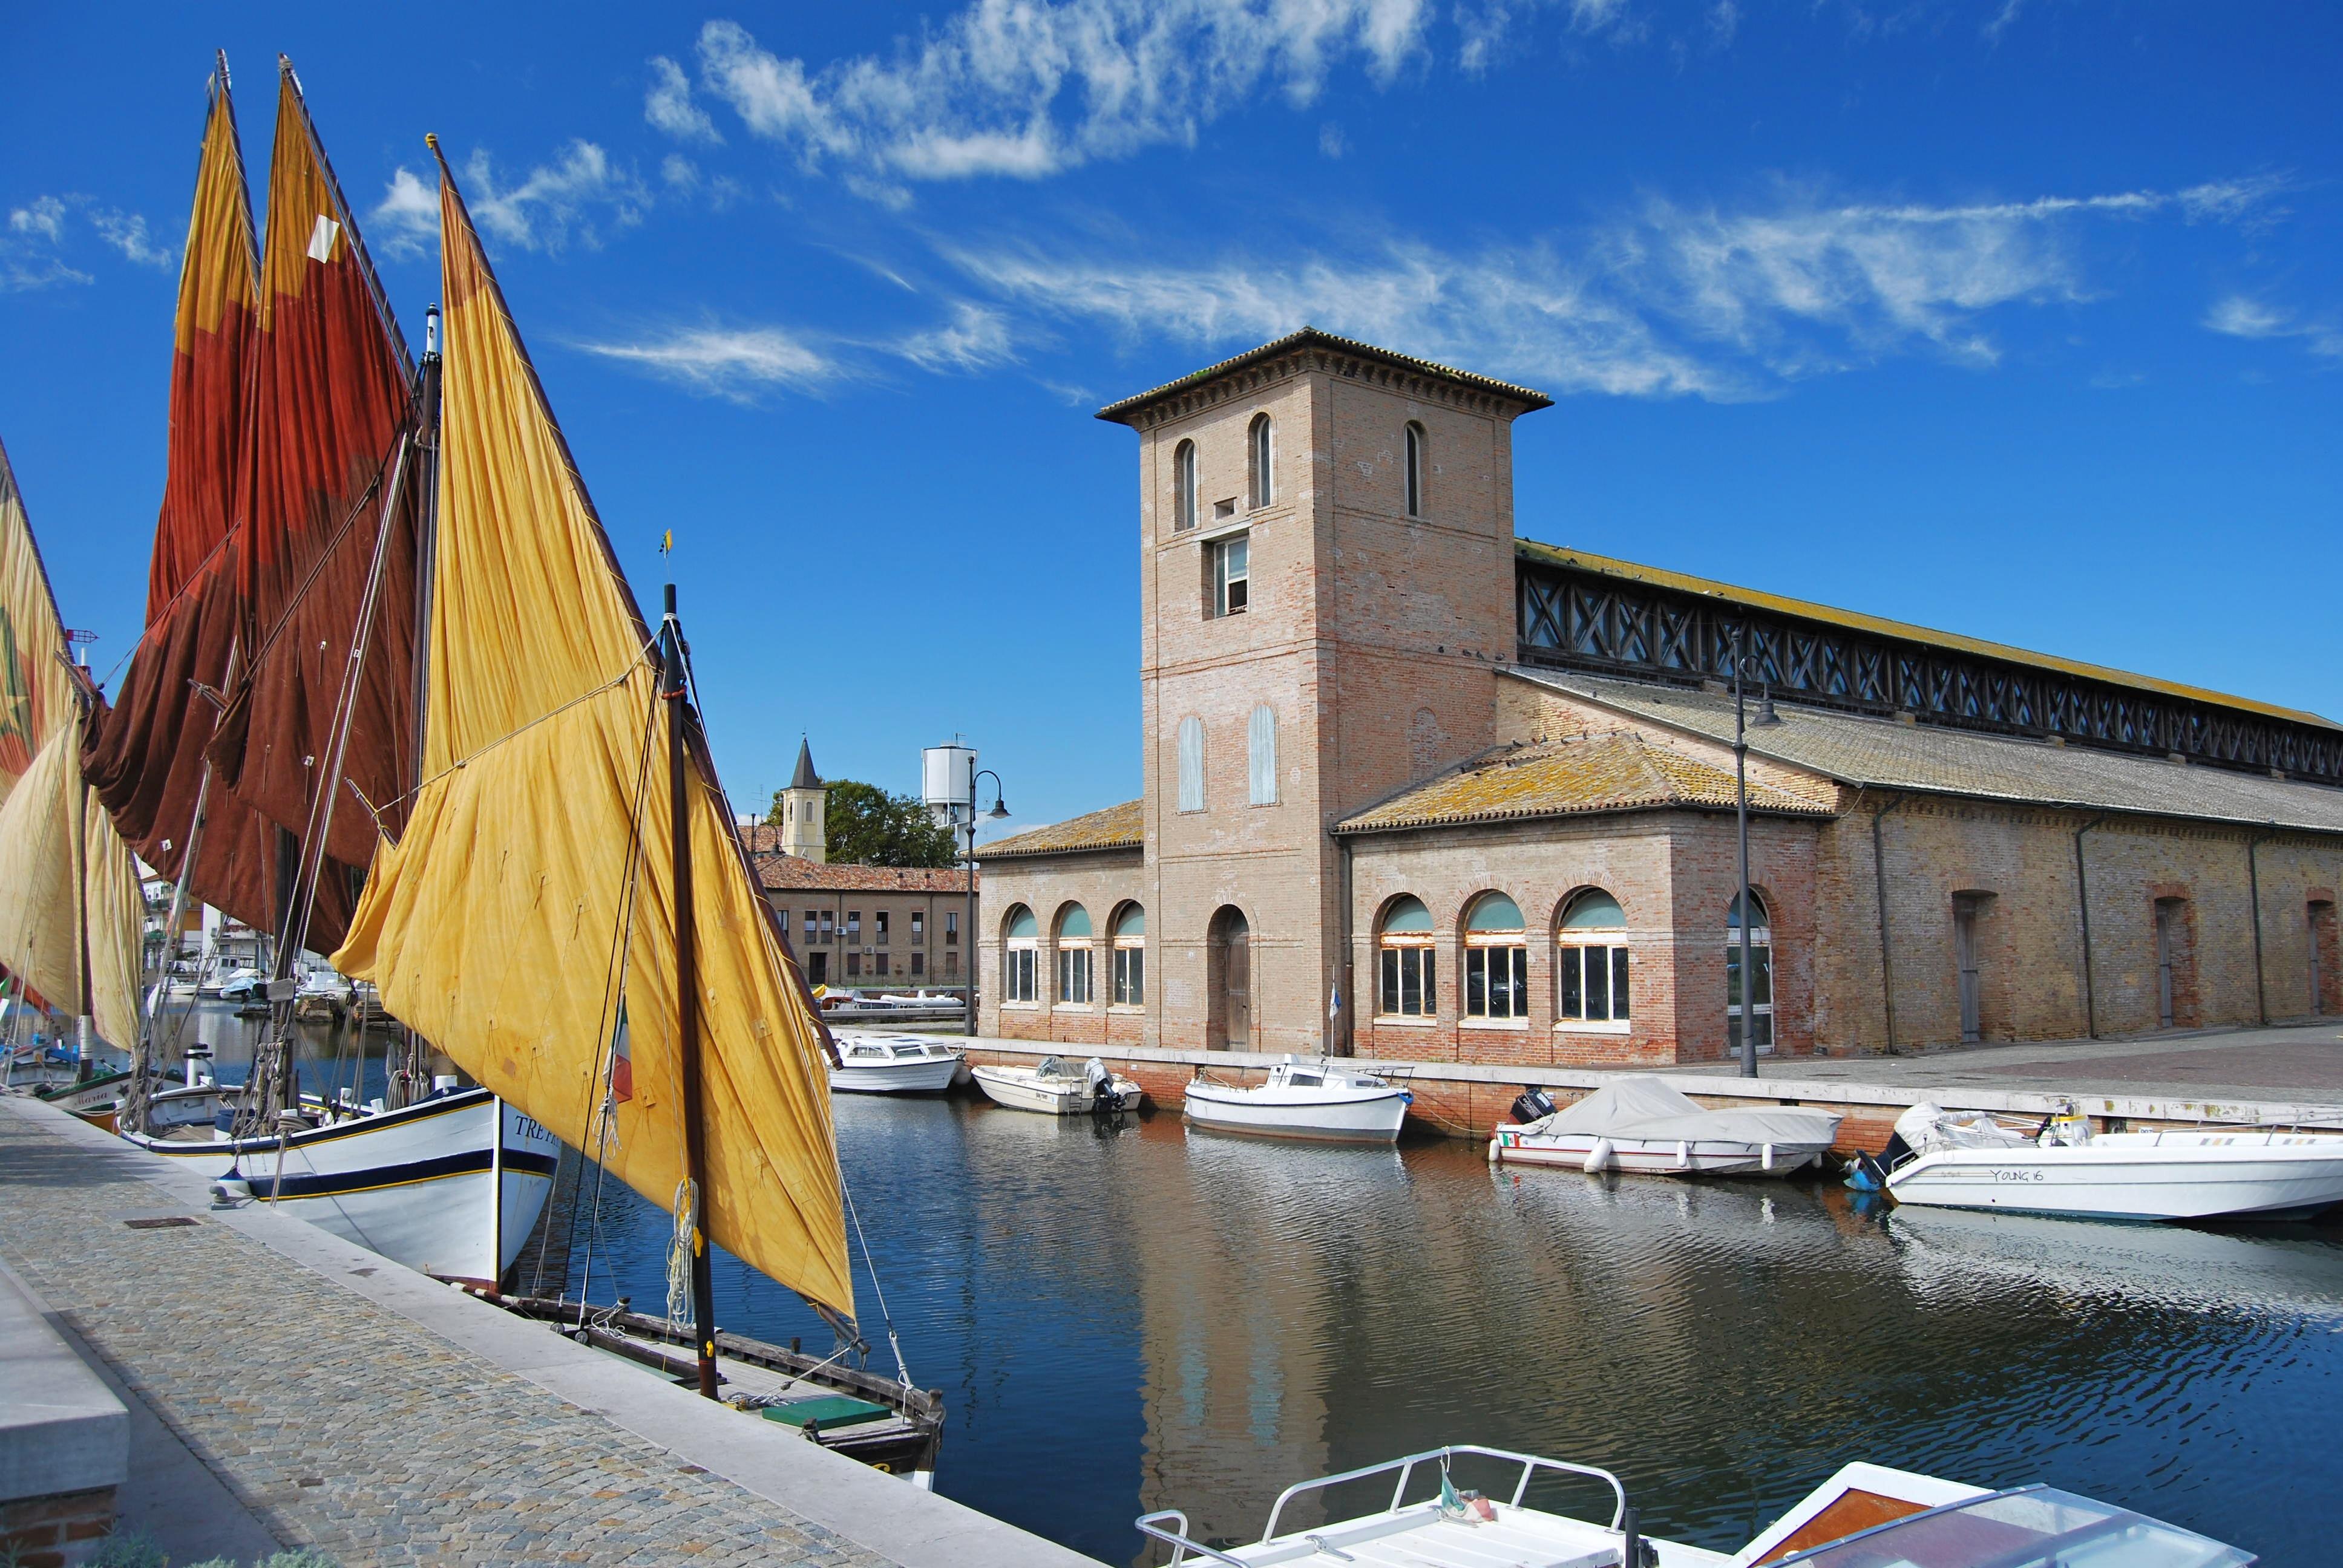 切爾維亞, 義大利